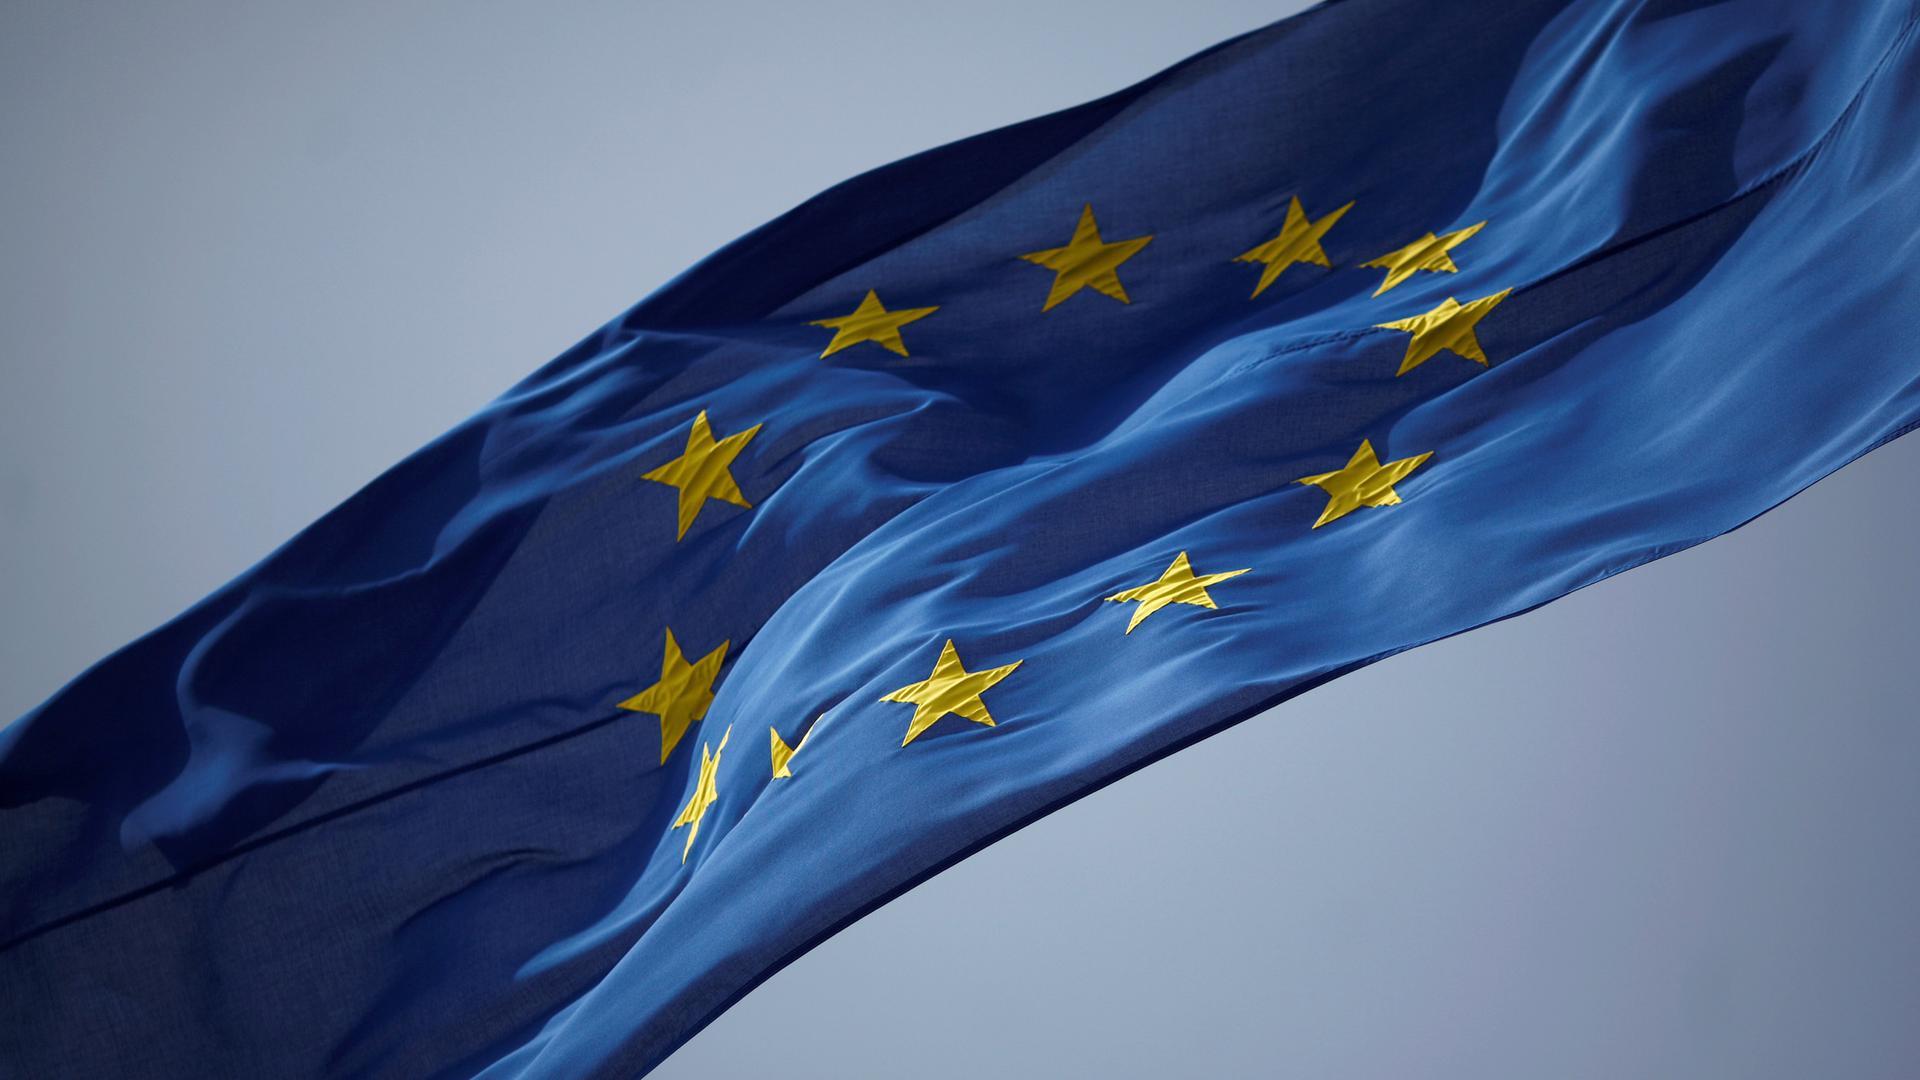 eu-fahne-berlin-direkt-1001920x1080.jpg